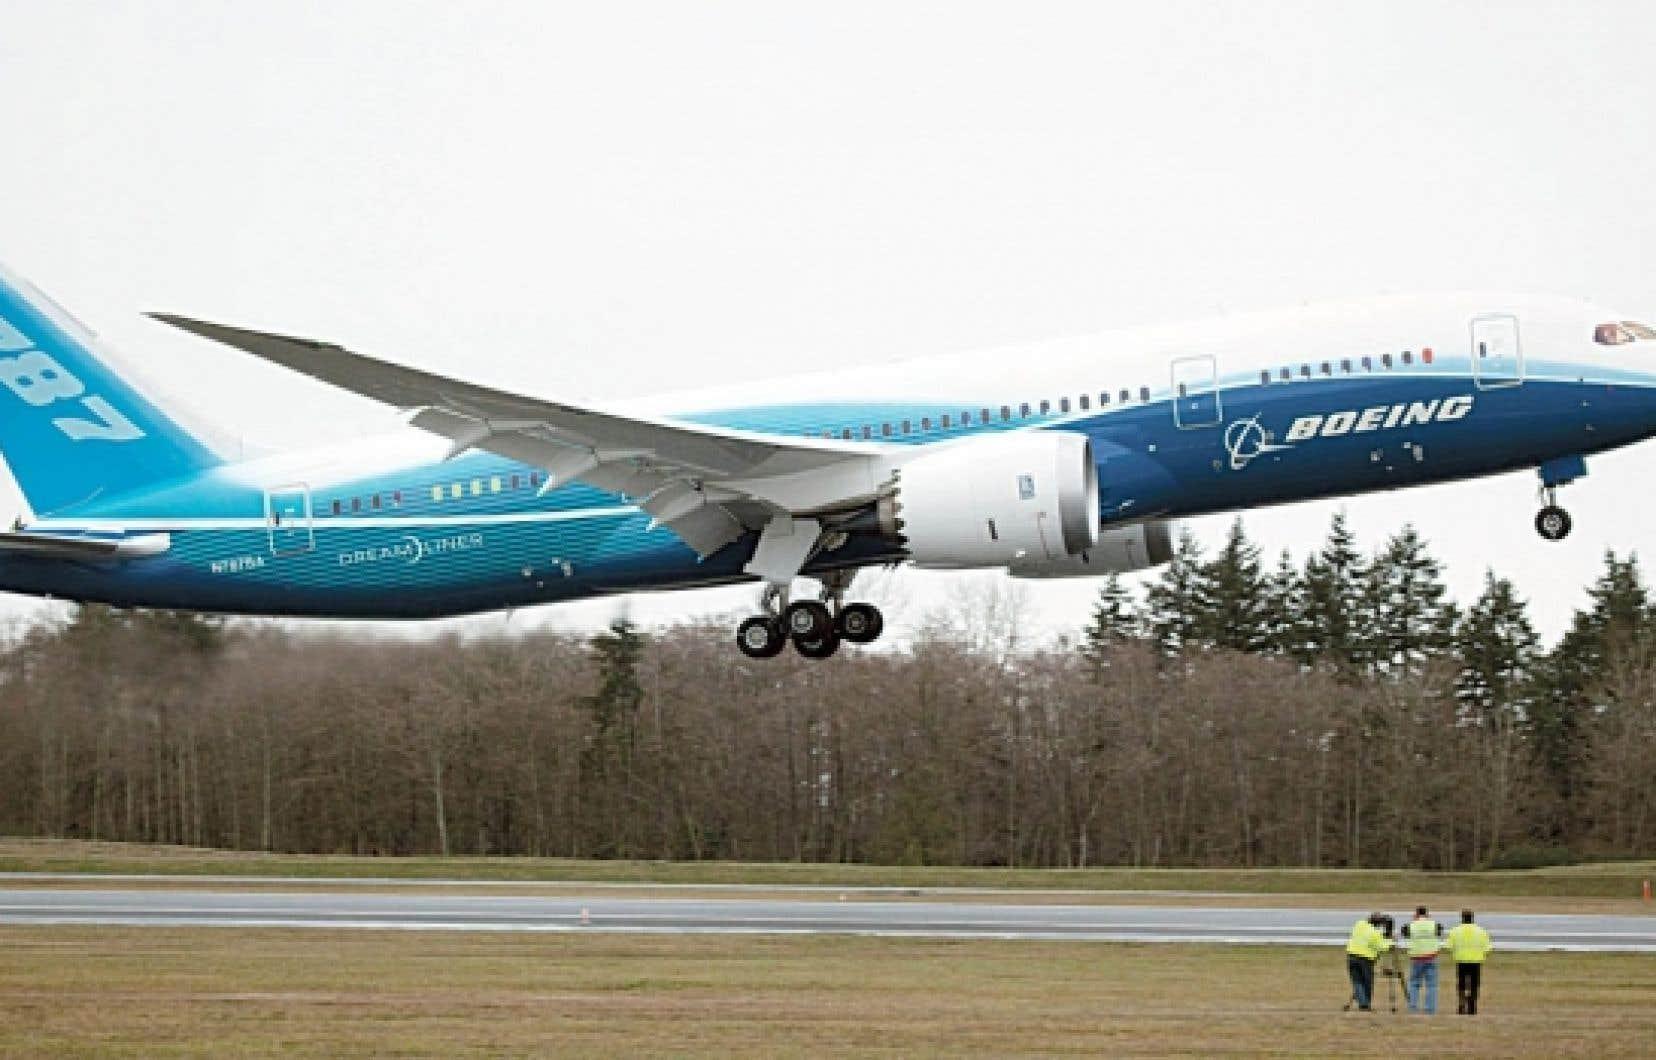 Le 787 Dreamliner de Boeing a effectué hier son premier vol d'essai, avec plus de deux ans de retard sur le calendrier. Le biréacteur a décollé à 10h30 de l'aérodrome d'Everett, dans l'État de Washington. Ce premier vol devait durer quatre heures, pendant lesquelles les deux pilotes devaient effectuer une batterie de tests techniques, avant de poser l'appareil à Seattle. Il aura finalement été écourté en raison du mauvais temps.